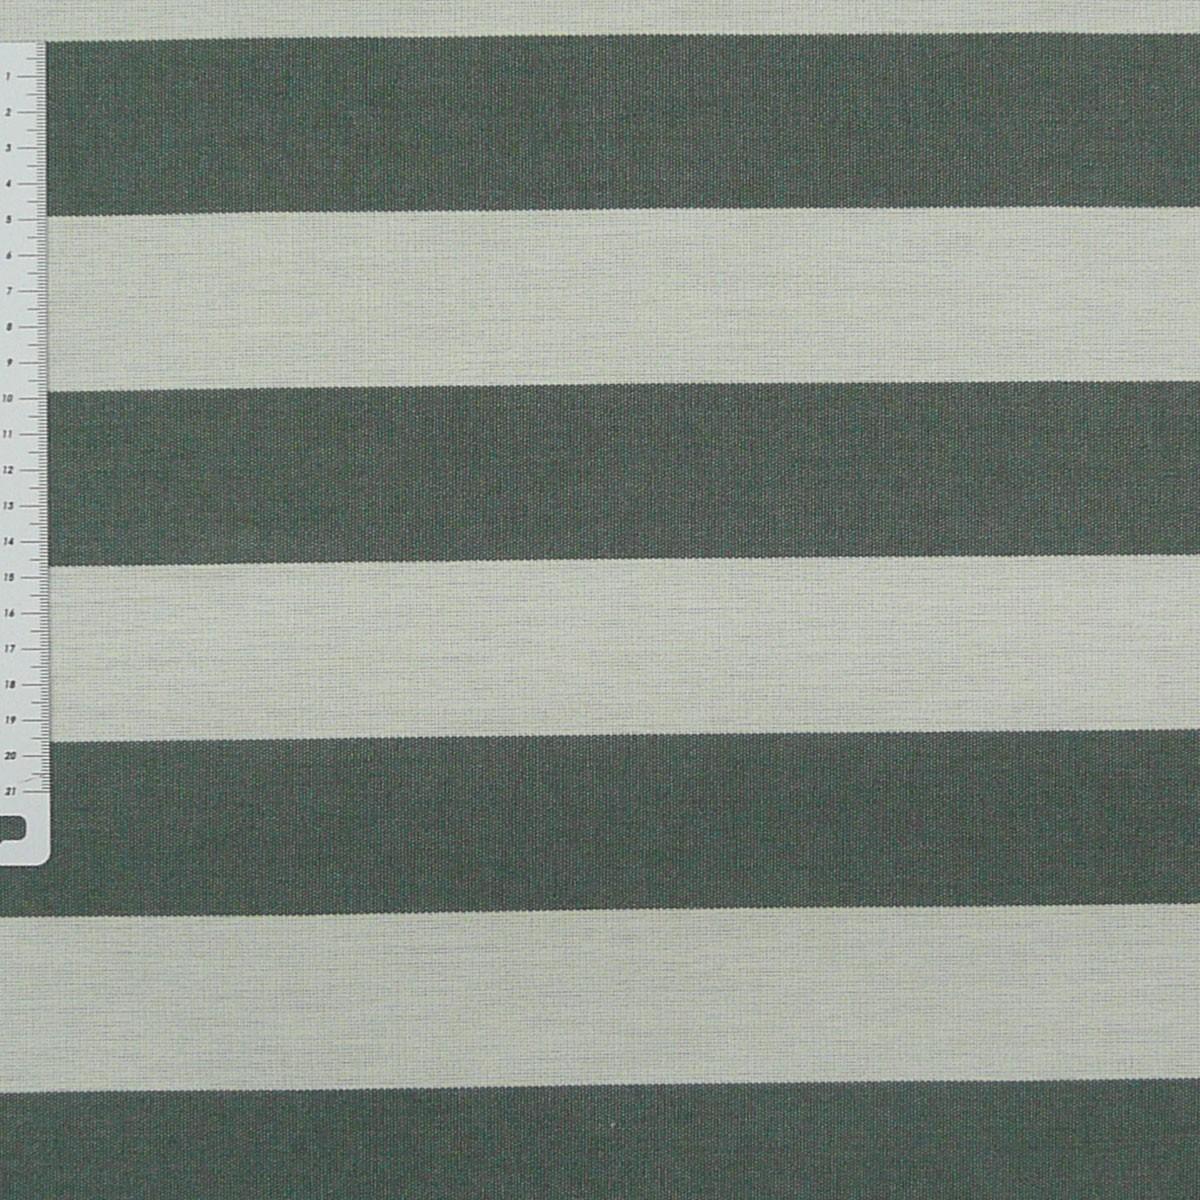 9 34 1qm Outdoorstoff Markisenstoff Gartenm Bel